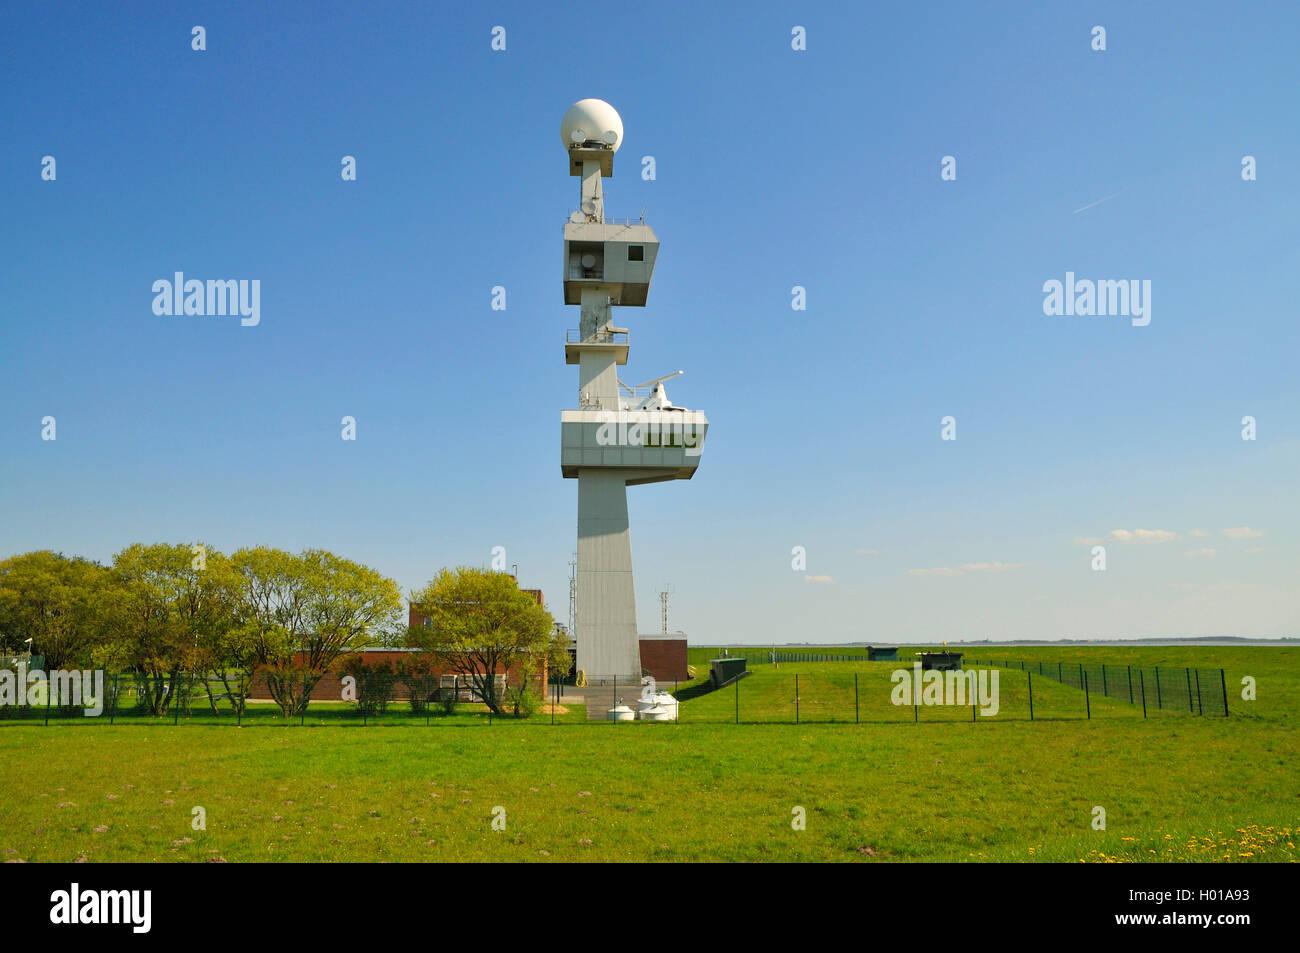 Radarstation Knock, moderner Leucht- und Radarturm der Verkehrszentrale Ems, Deutschland, Niedersachsen, Knock, - Stock Image